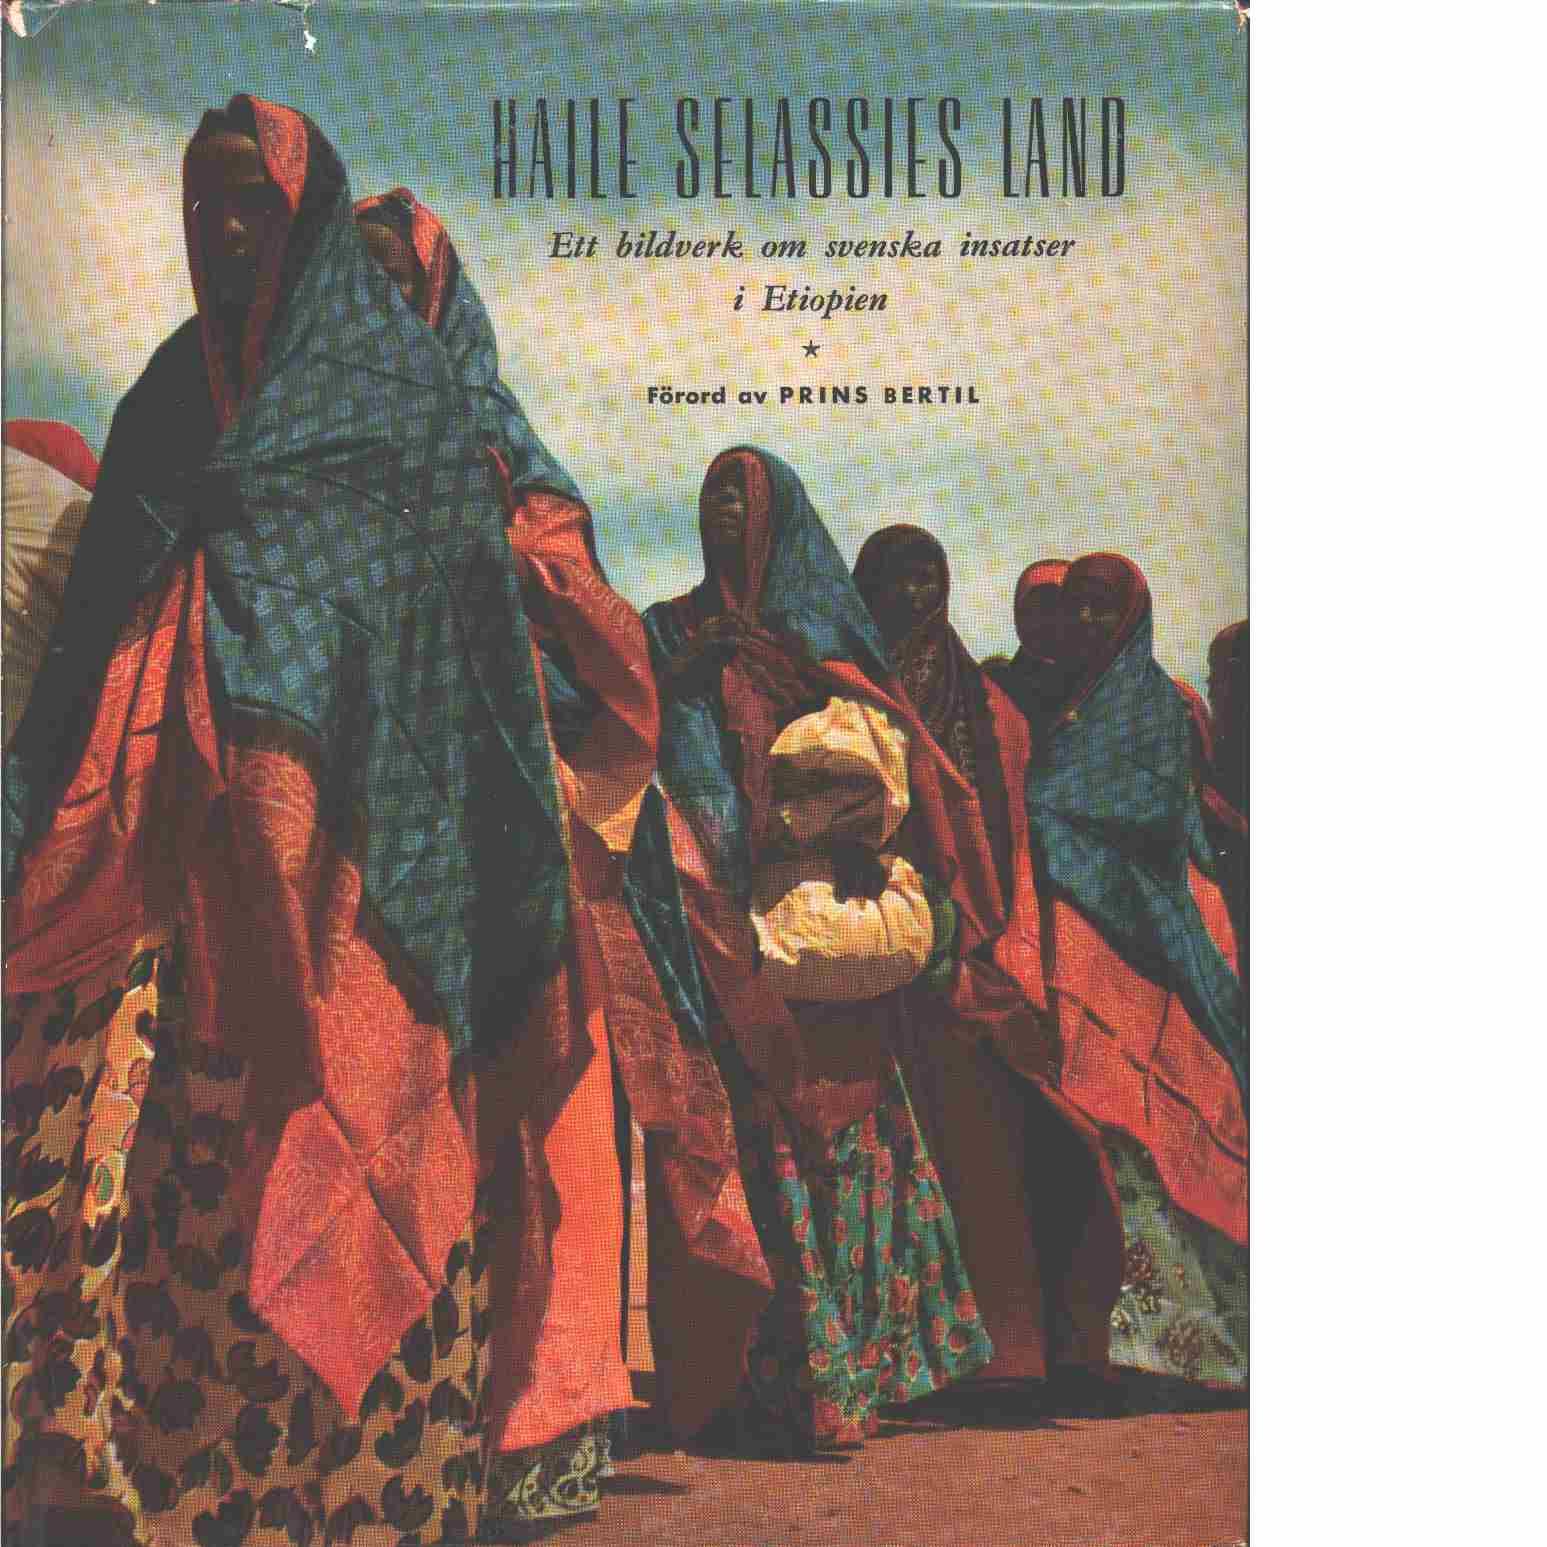 Haile Selassies land : ett bildverk om svenskarnas insatser i Etiopien  : ett bildverk om svenskarnas insatser i Etiopien  - Red.